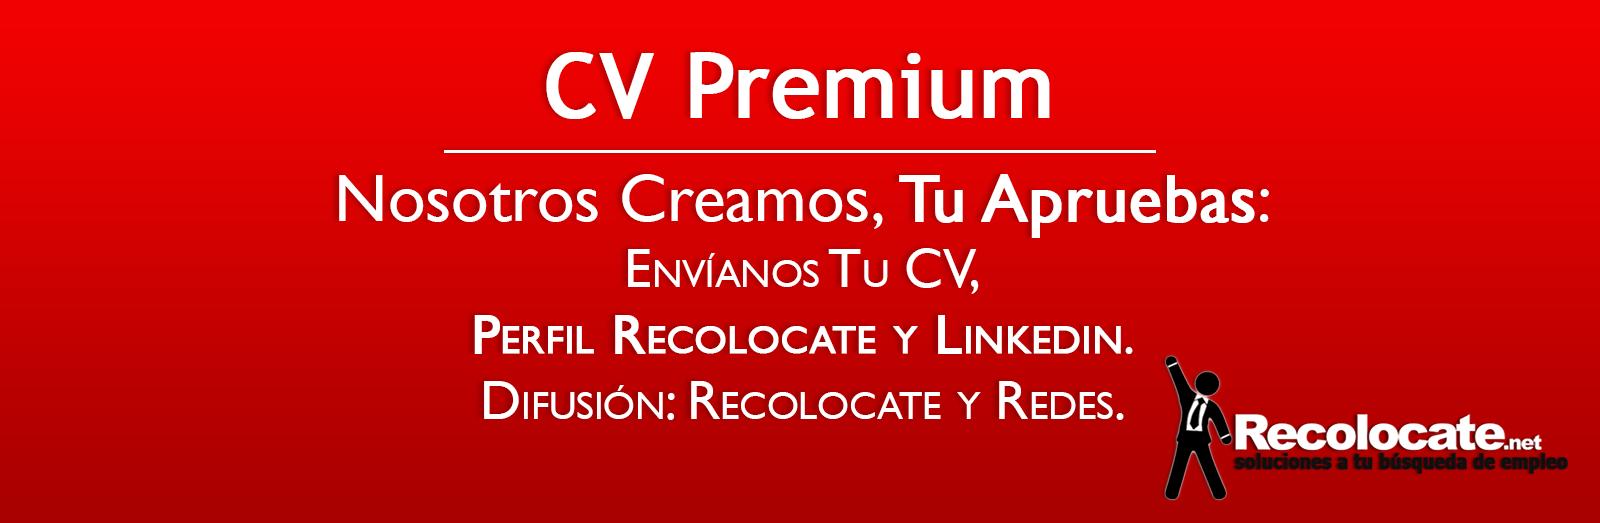 cv-premium-pagina-dgr